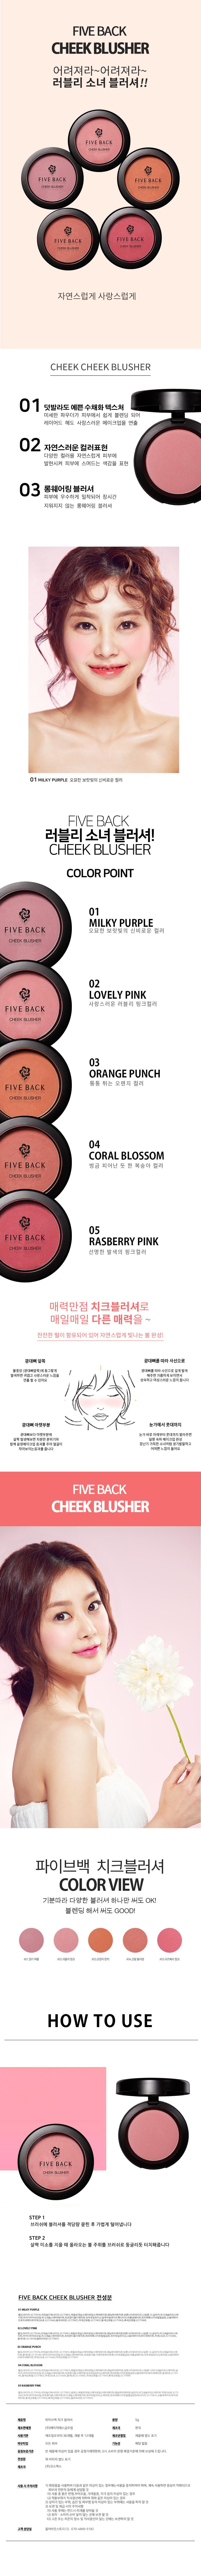 Phấn má hồng The rucy FB 5g 1